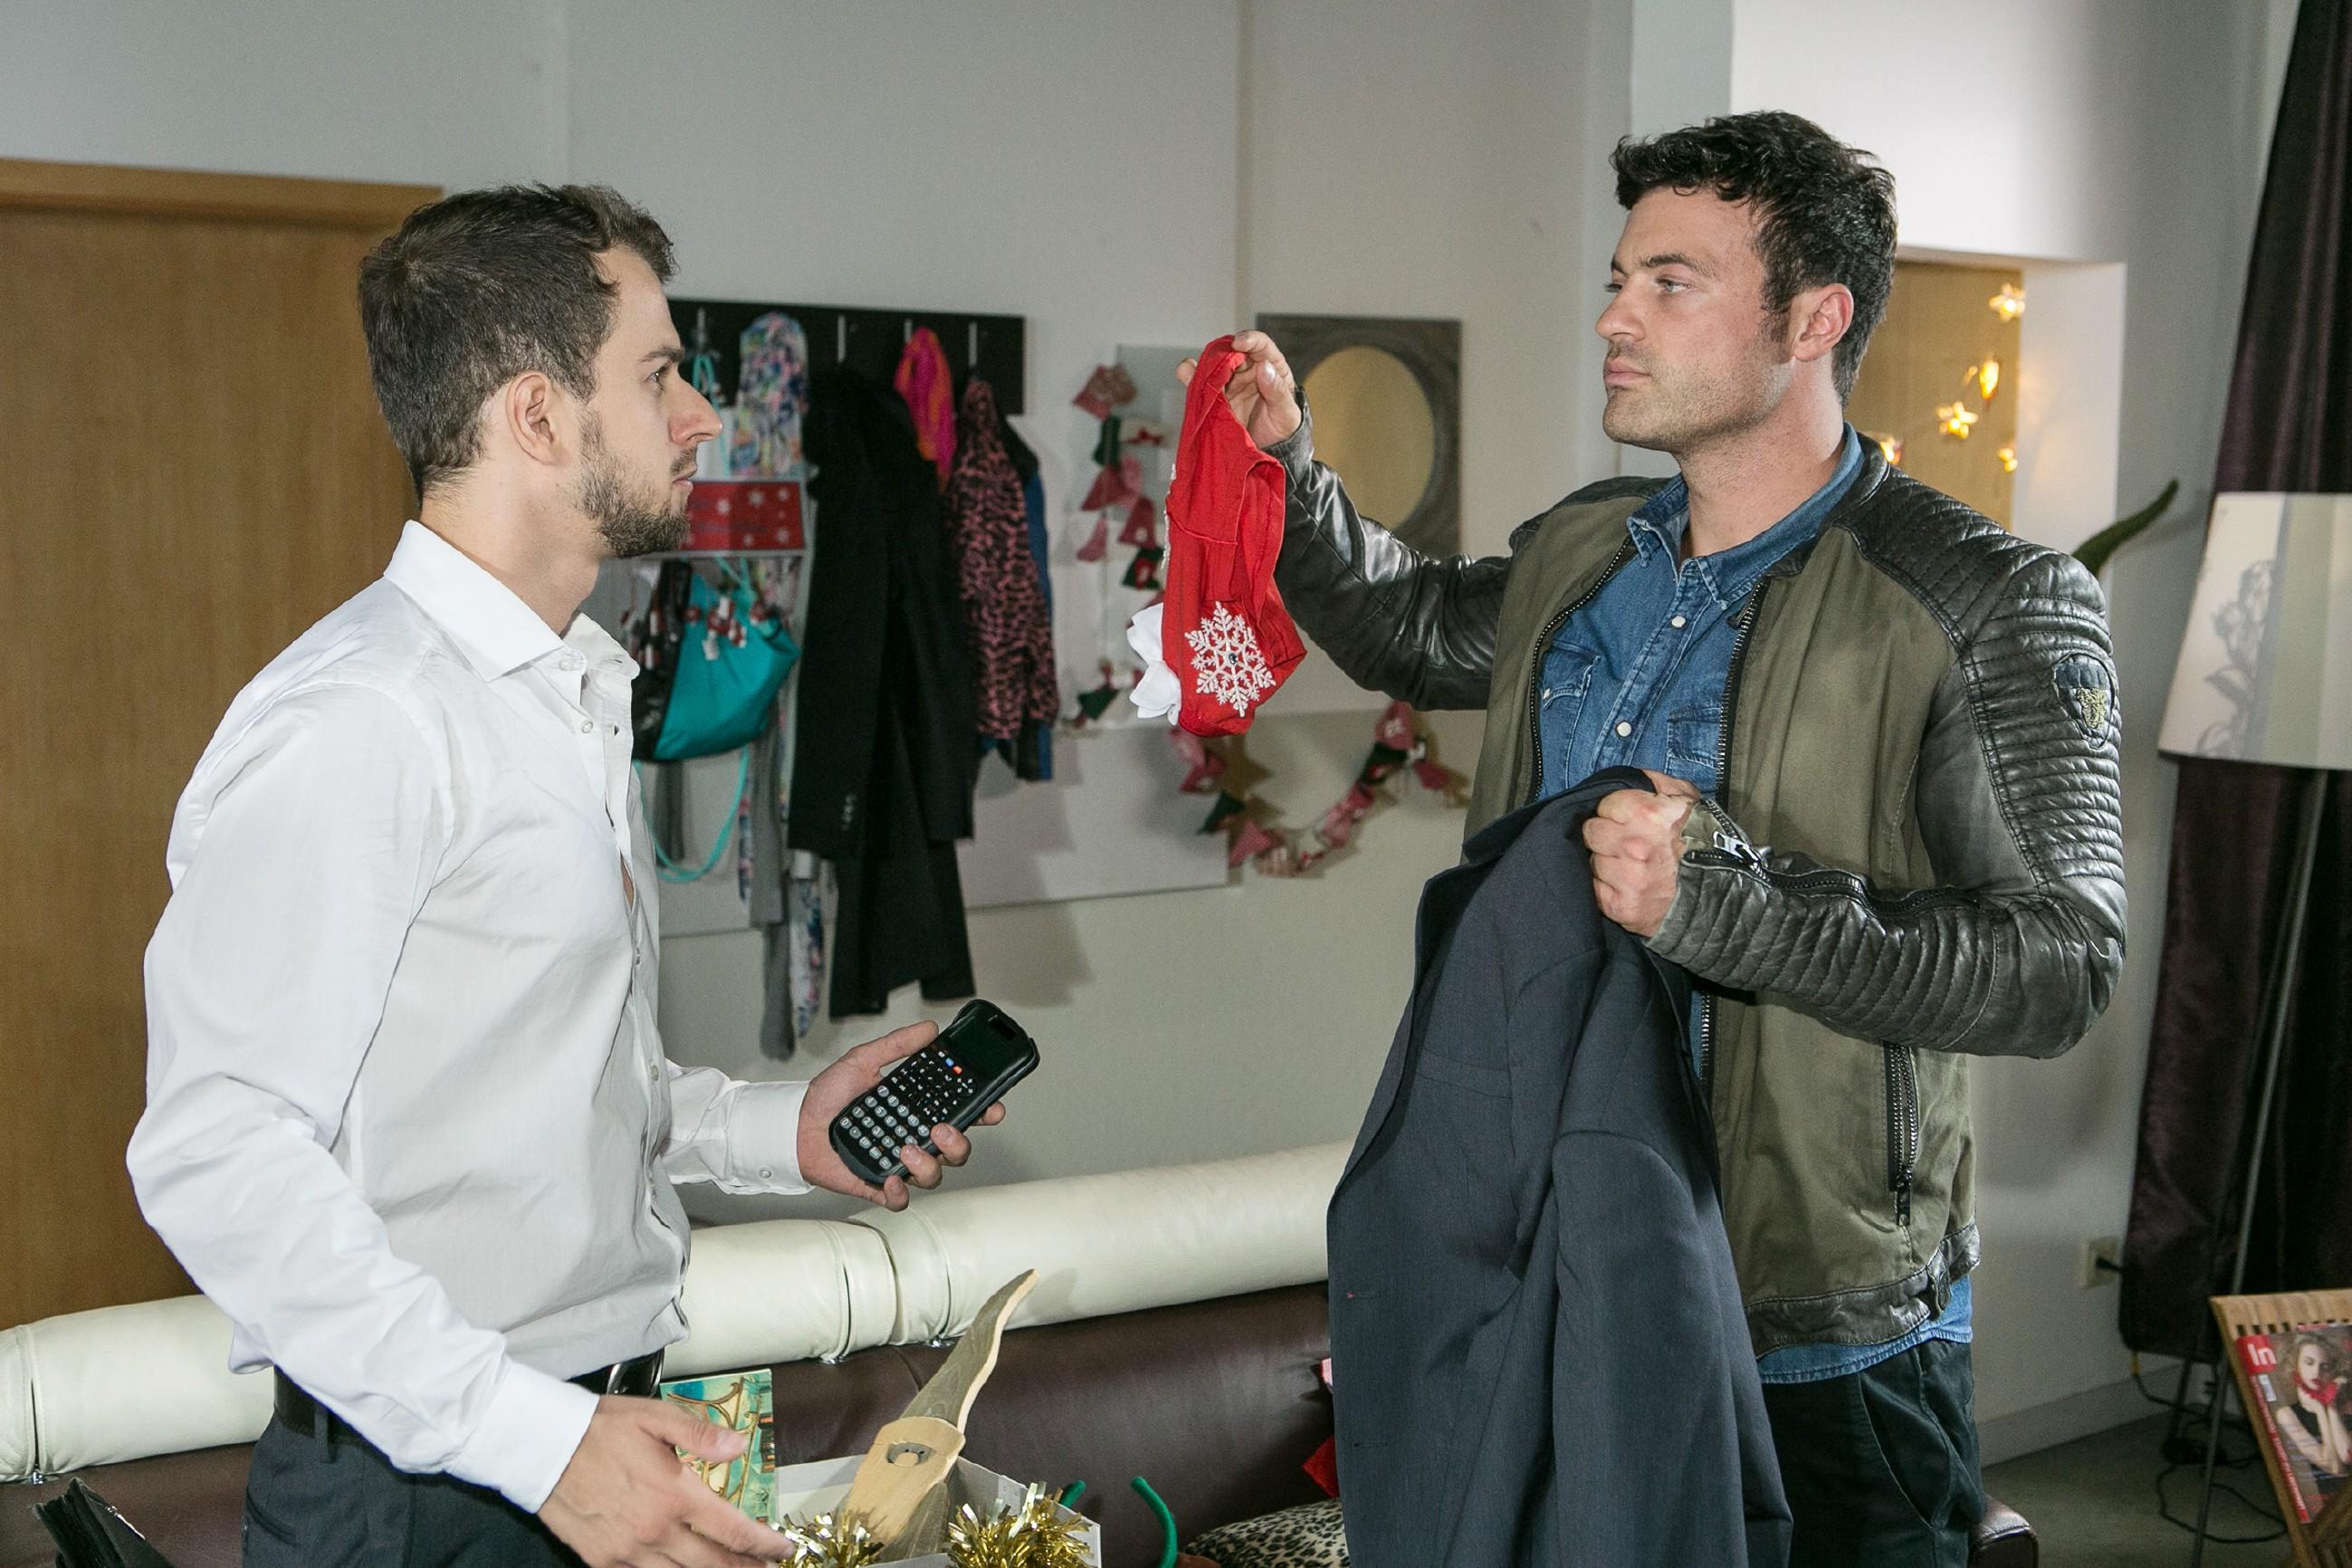 Ben (Jörg Rhode, r.) findet in Toabis Jacke einen eindeutigen Beweis, dass Tobi (Michael Jassin) doch der Stalker sein muss... (Quelle: RTL / Kai Schulz)